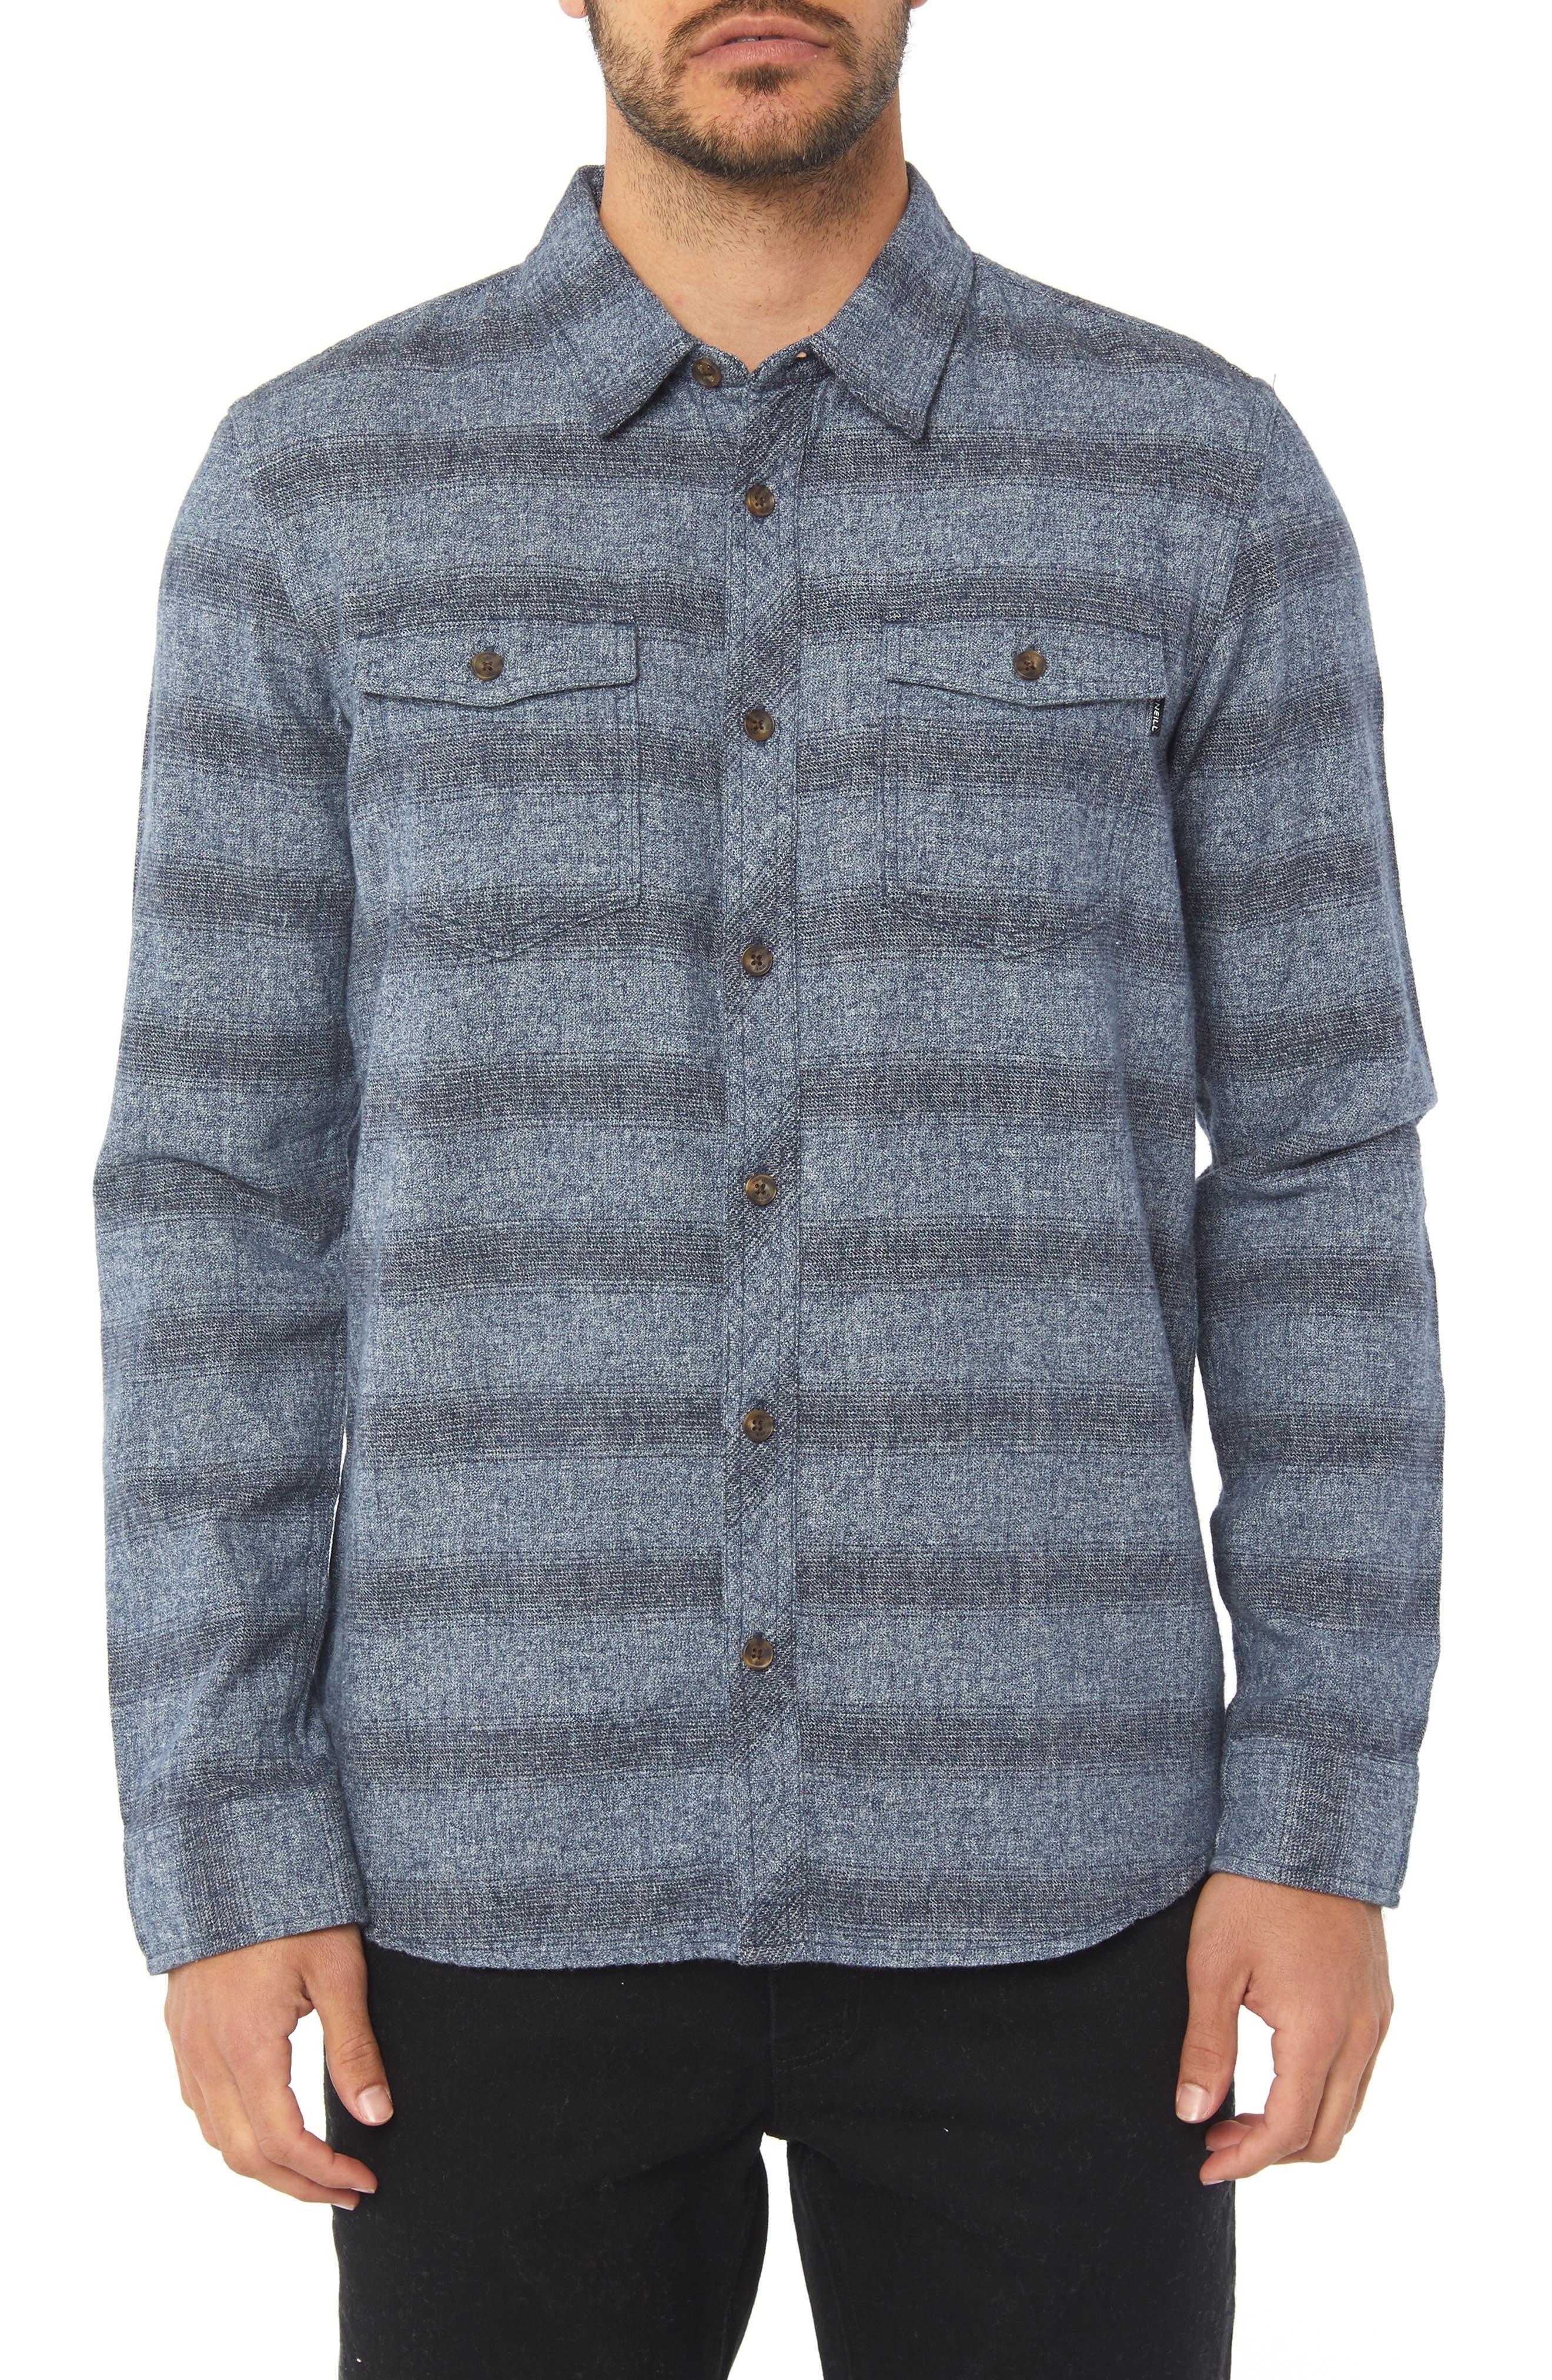 O'NEILL Covington Flannel Shirt, Main, color, 410